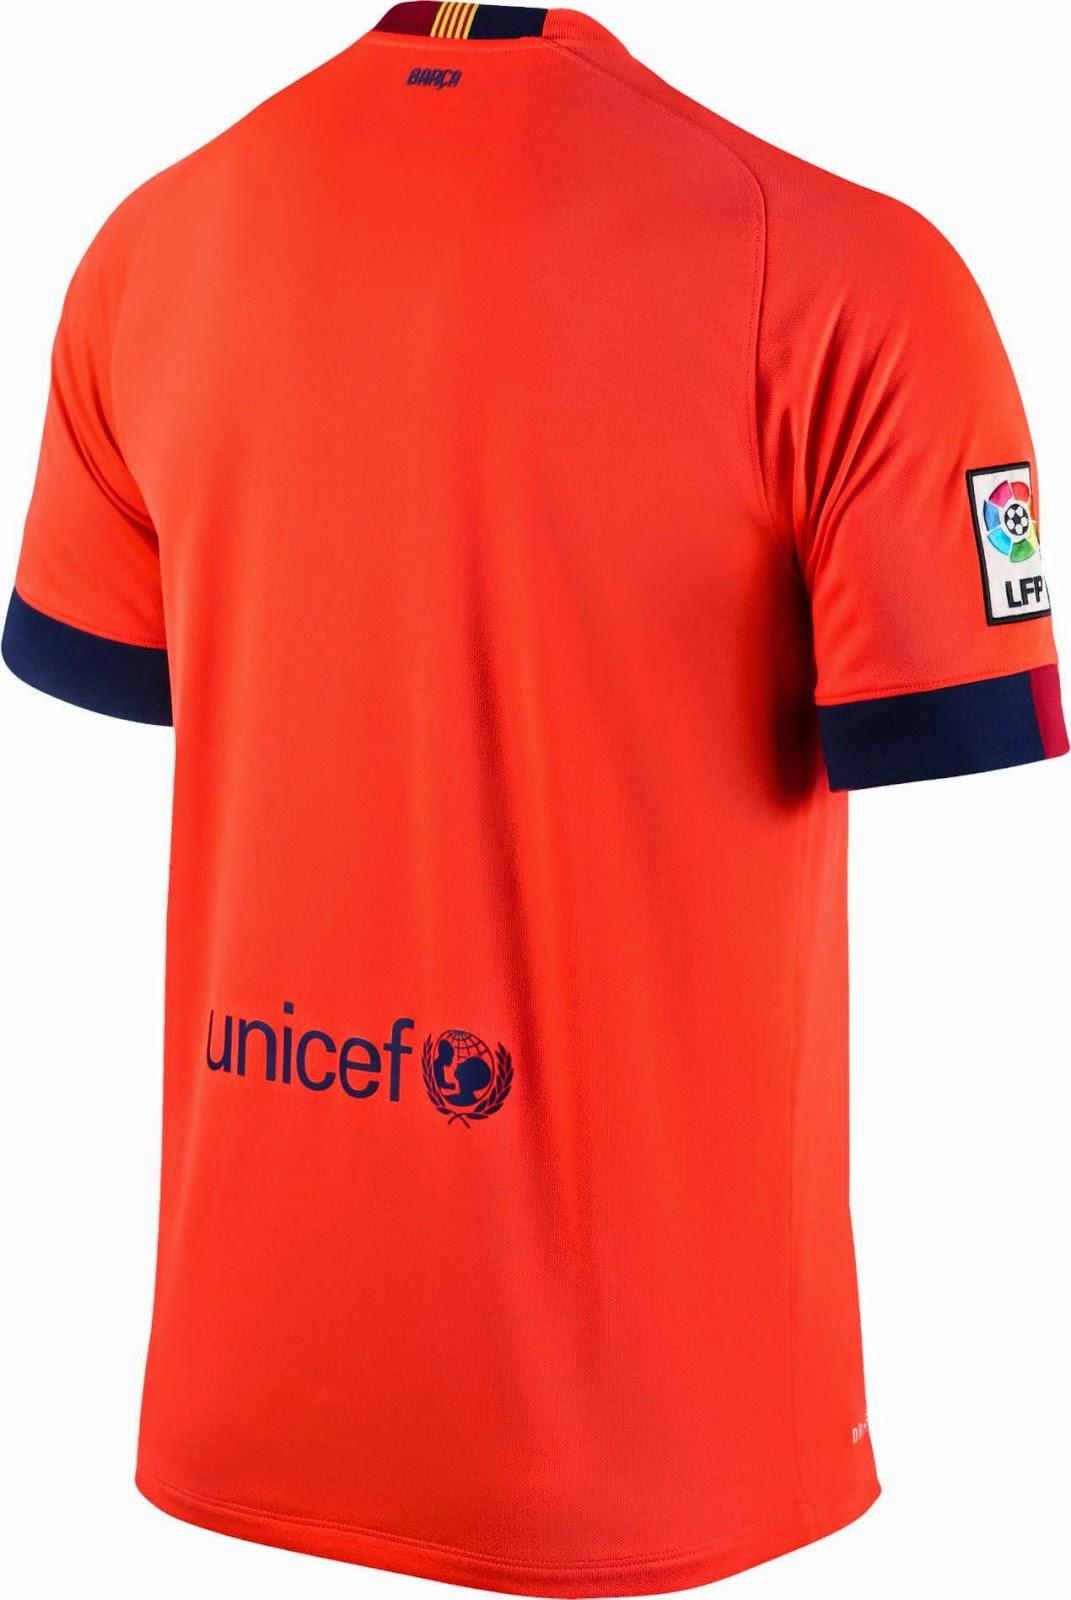 ltima tecnologa para mejorar el rendimiento de los mejores futbolistas del mundo al homenaje del color naranja no te pierdas las fotos y